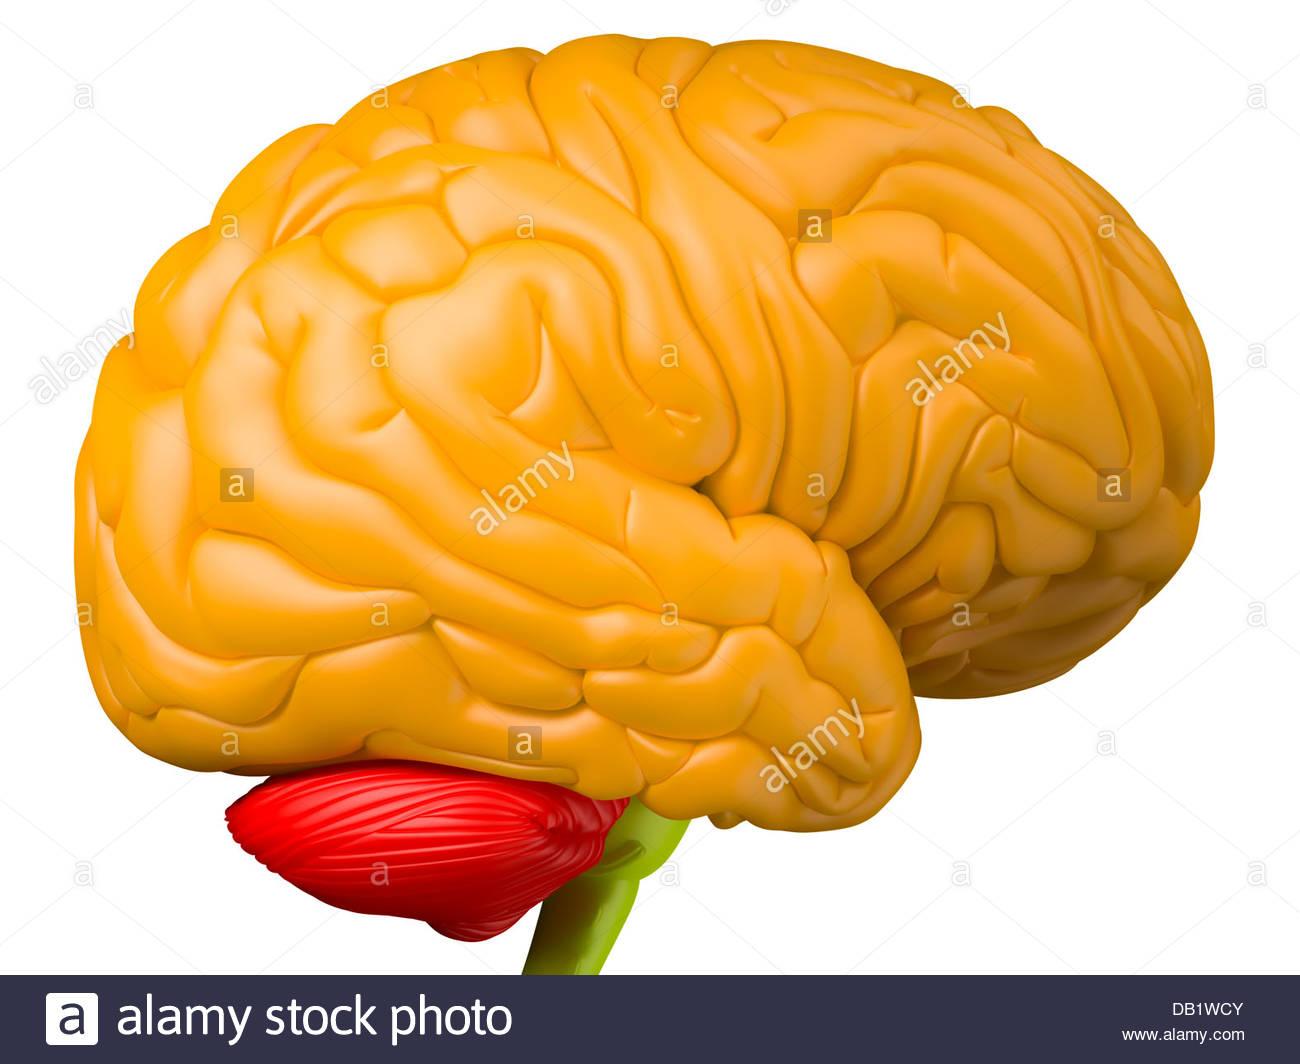 Ilustración médica digital mostrando la vista lateral del cerebro humano. Naranja: los lóbulos cerebrales. Imagen De Stock